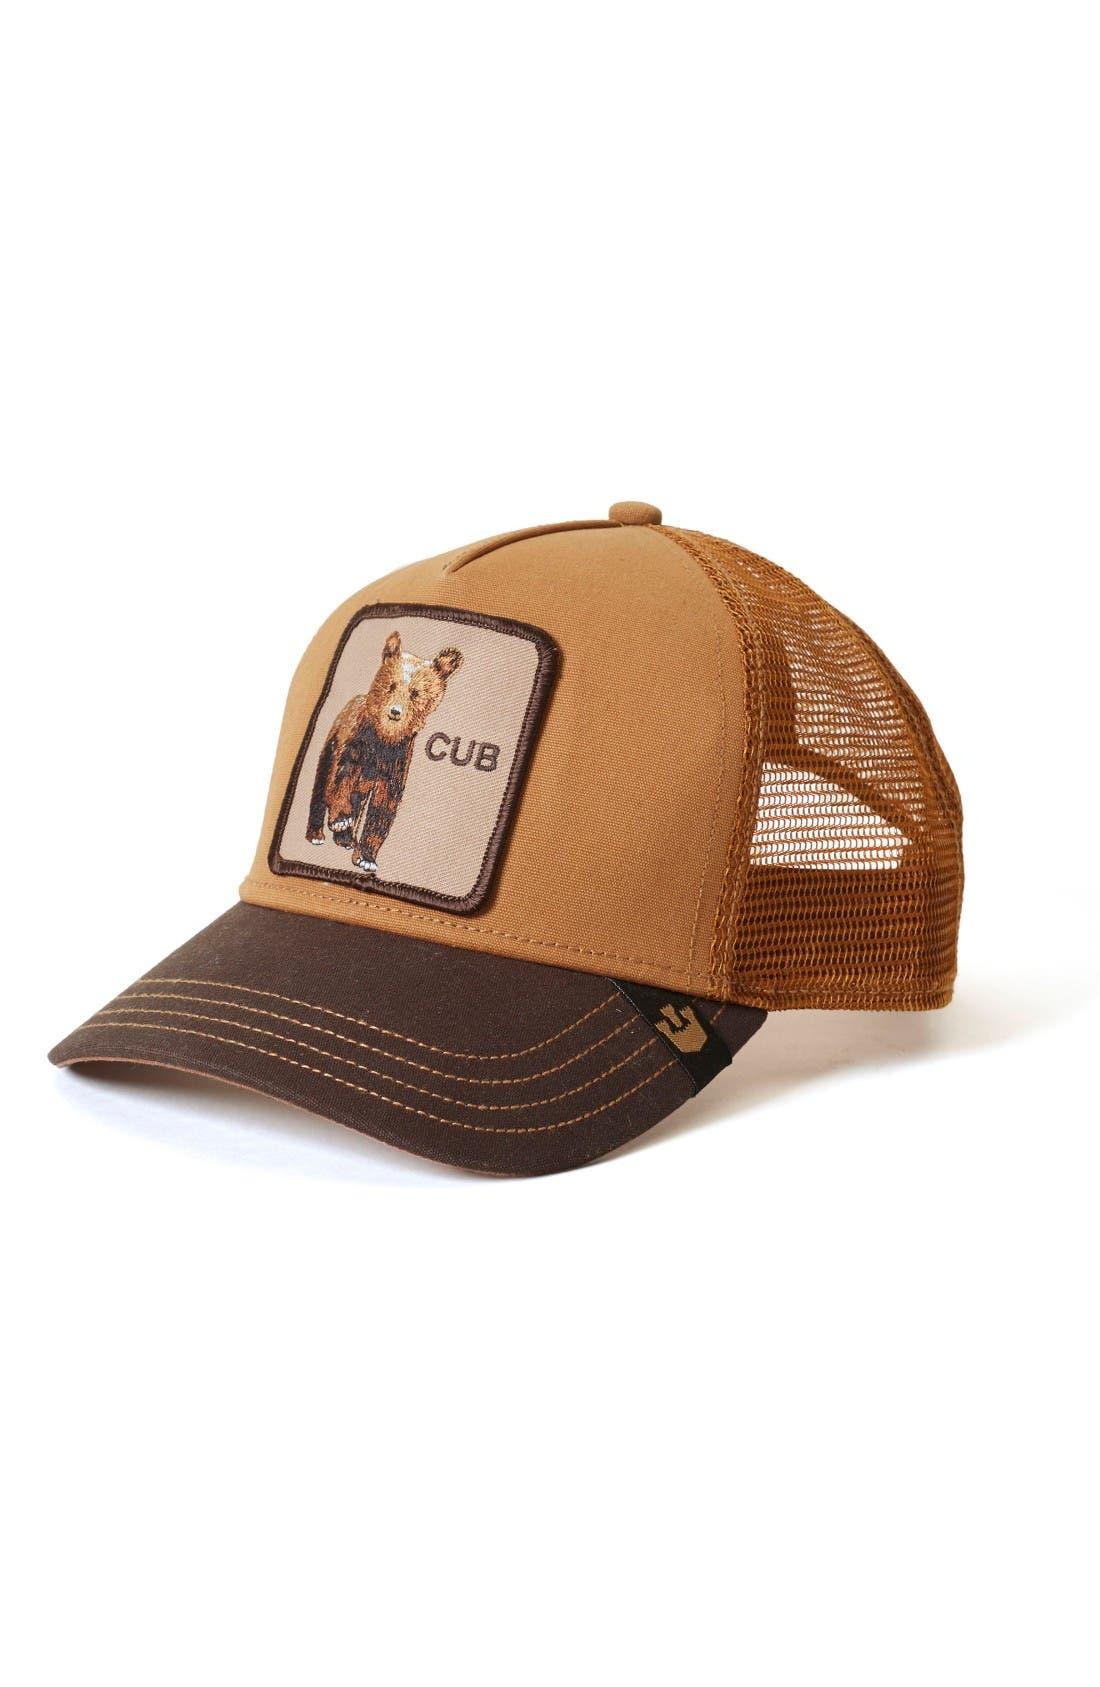 Goorin Brothers Cub Trucker Hat